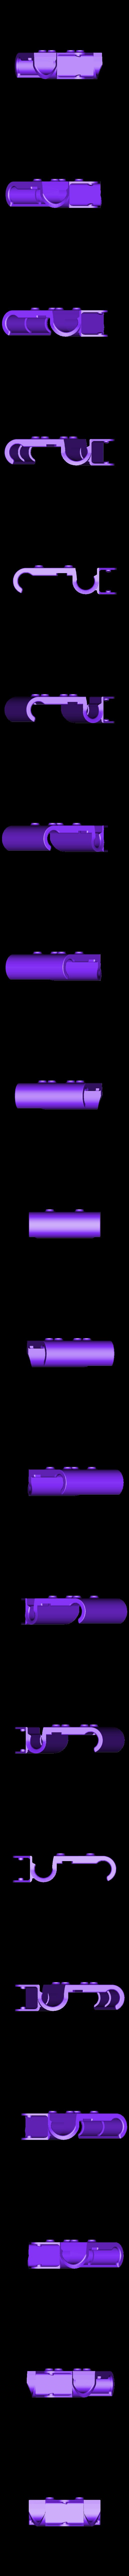 x_carriage_endlesshunt_variant.stl Télécharger fichier STL gratuit Prusa i3 X-Carriage Prusa sans fermeture à glissière • Plan pour imprimante 3D, Palemar